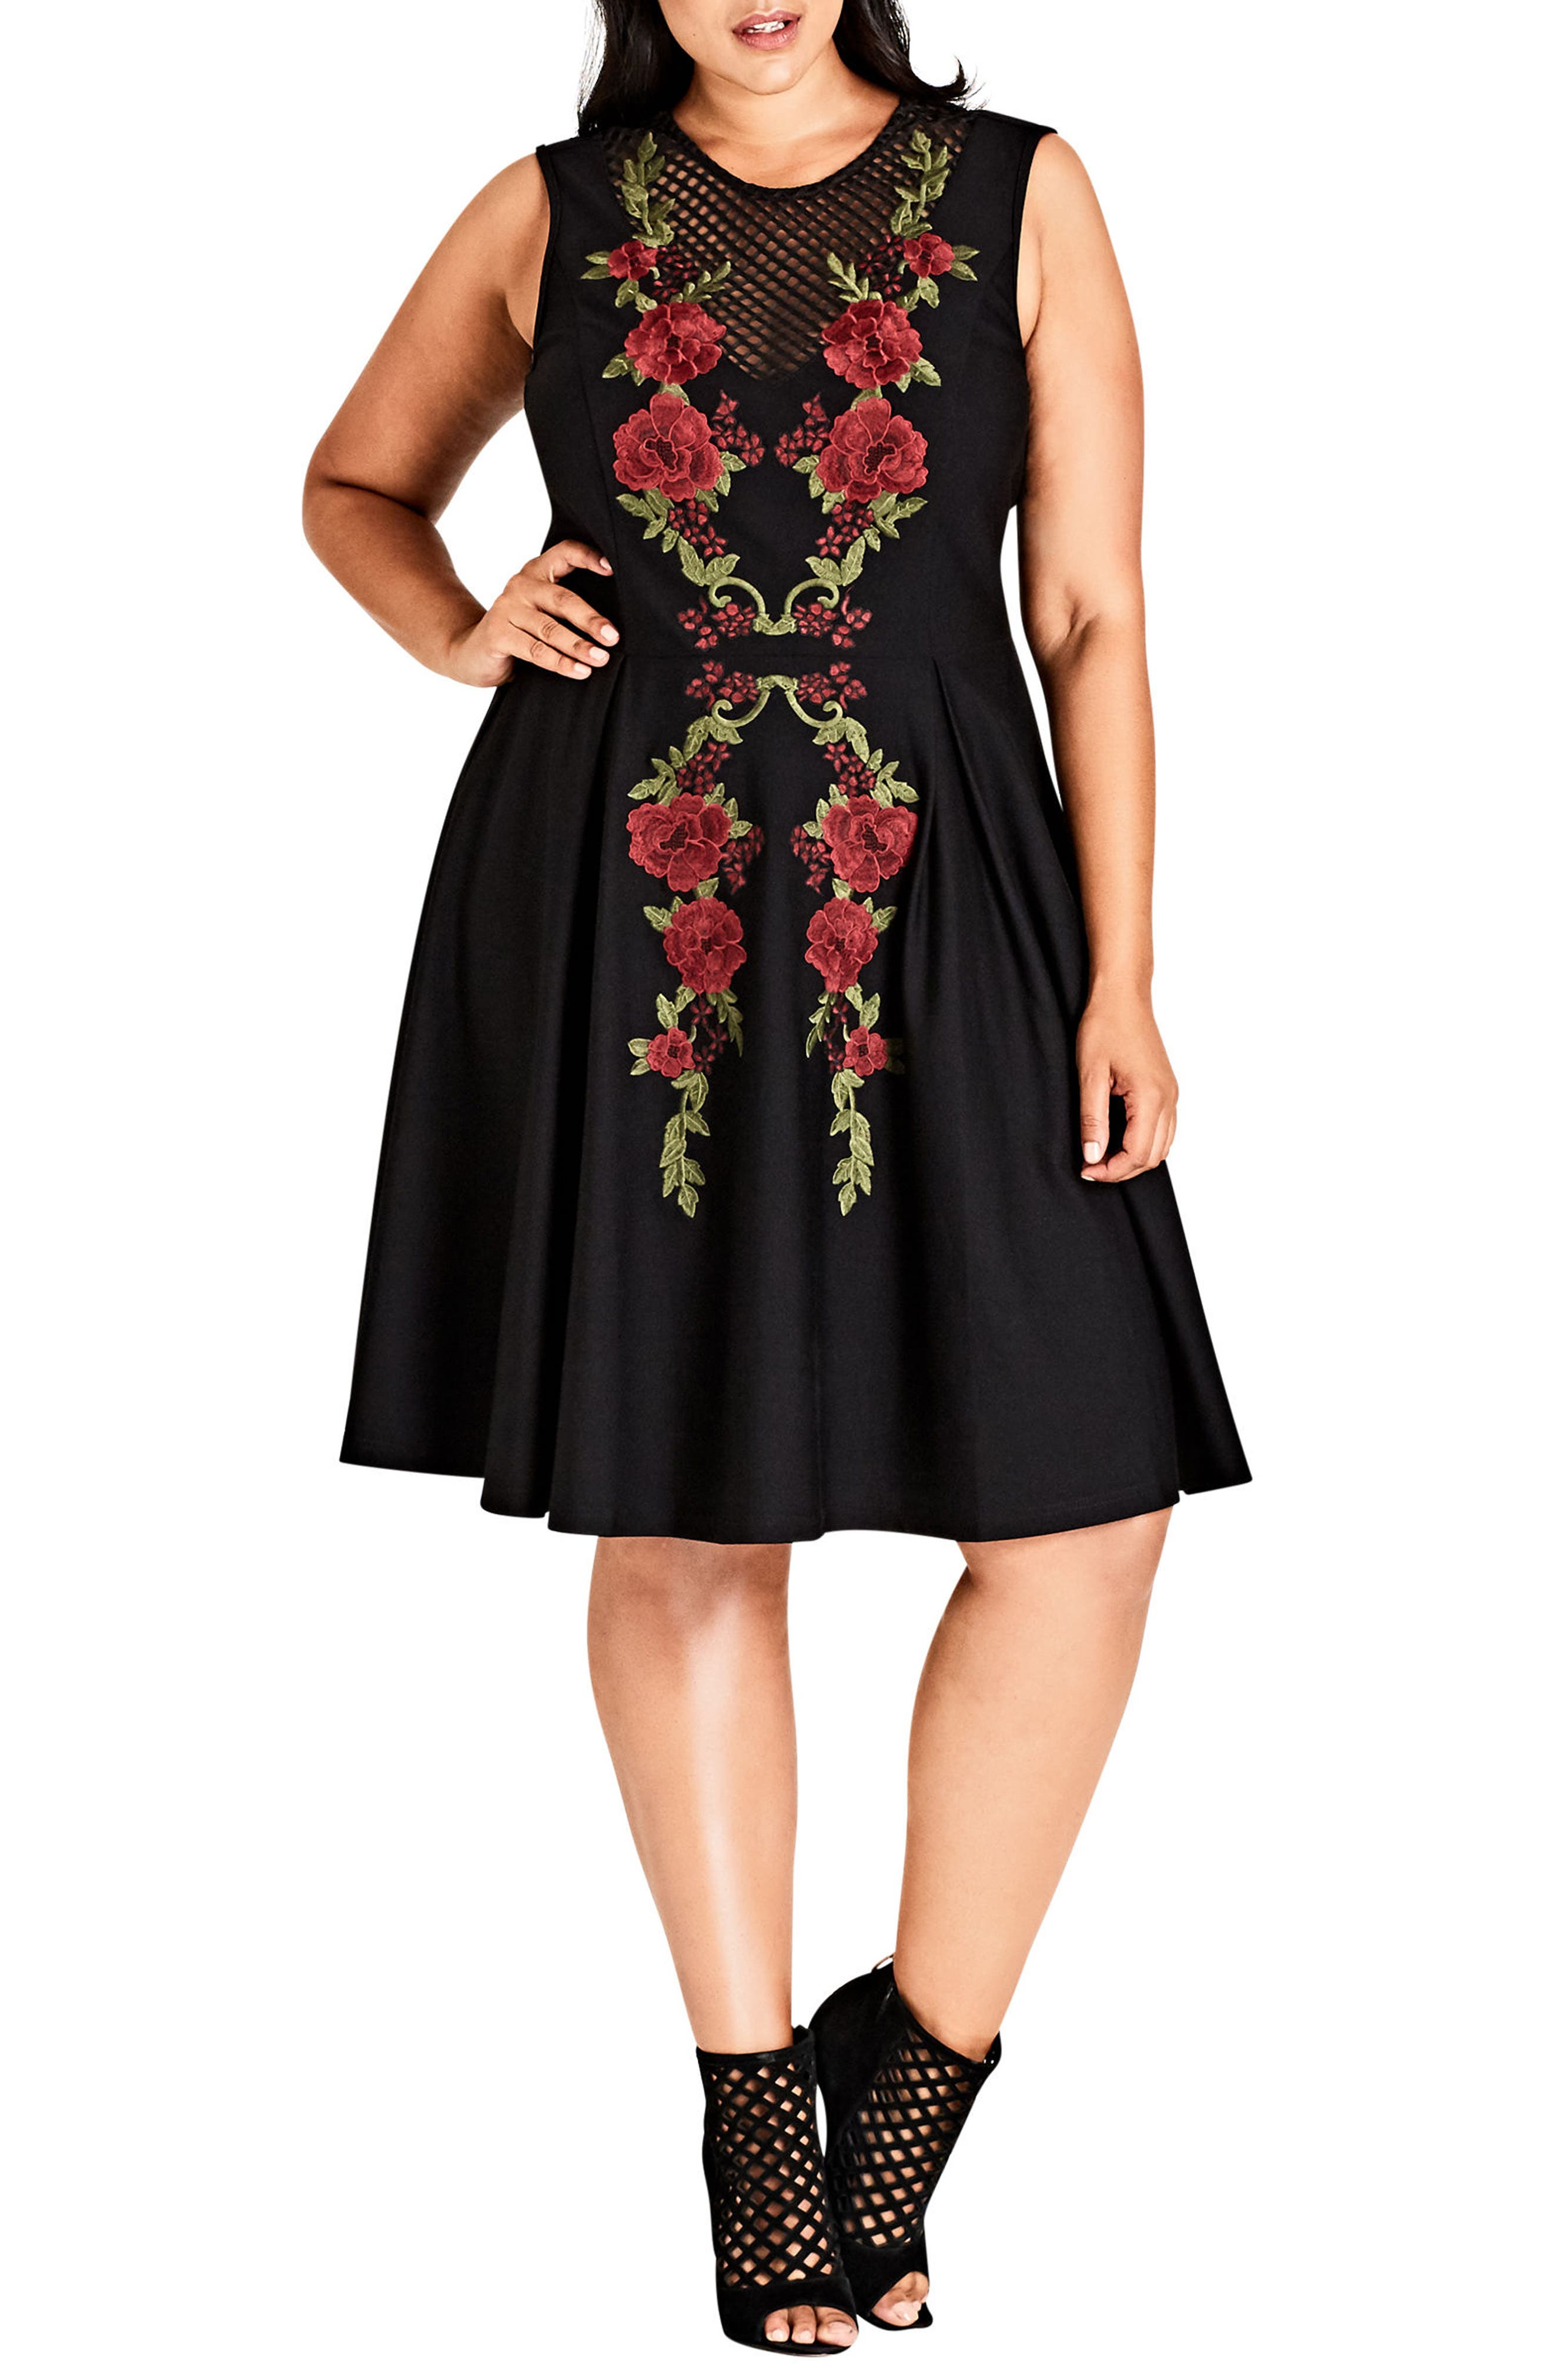 Plus Size Swing Dresses, Vintage Dresses Plus Size Womens City Chic Rose Adore Fit  Flare Dress Size Large - Black $119.00 AT vintagedancer.com